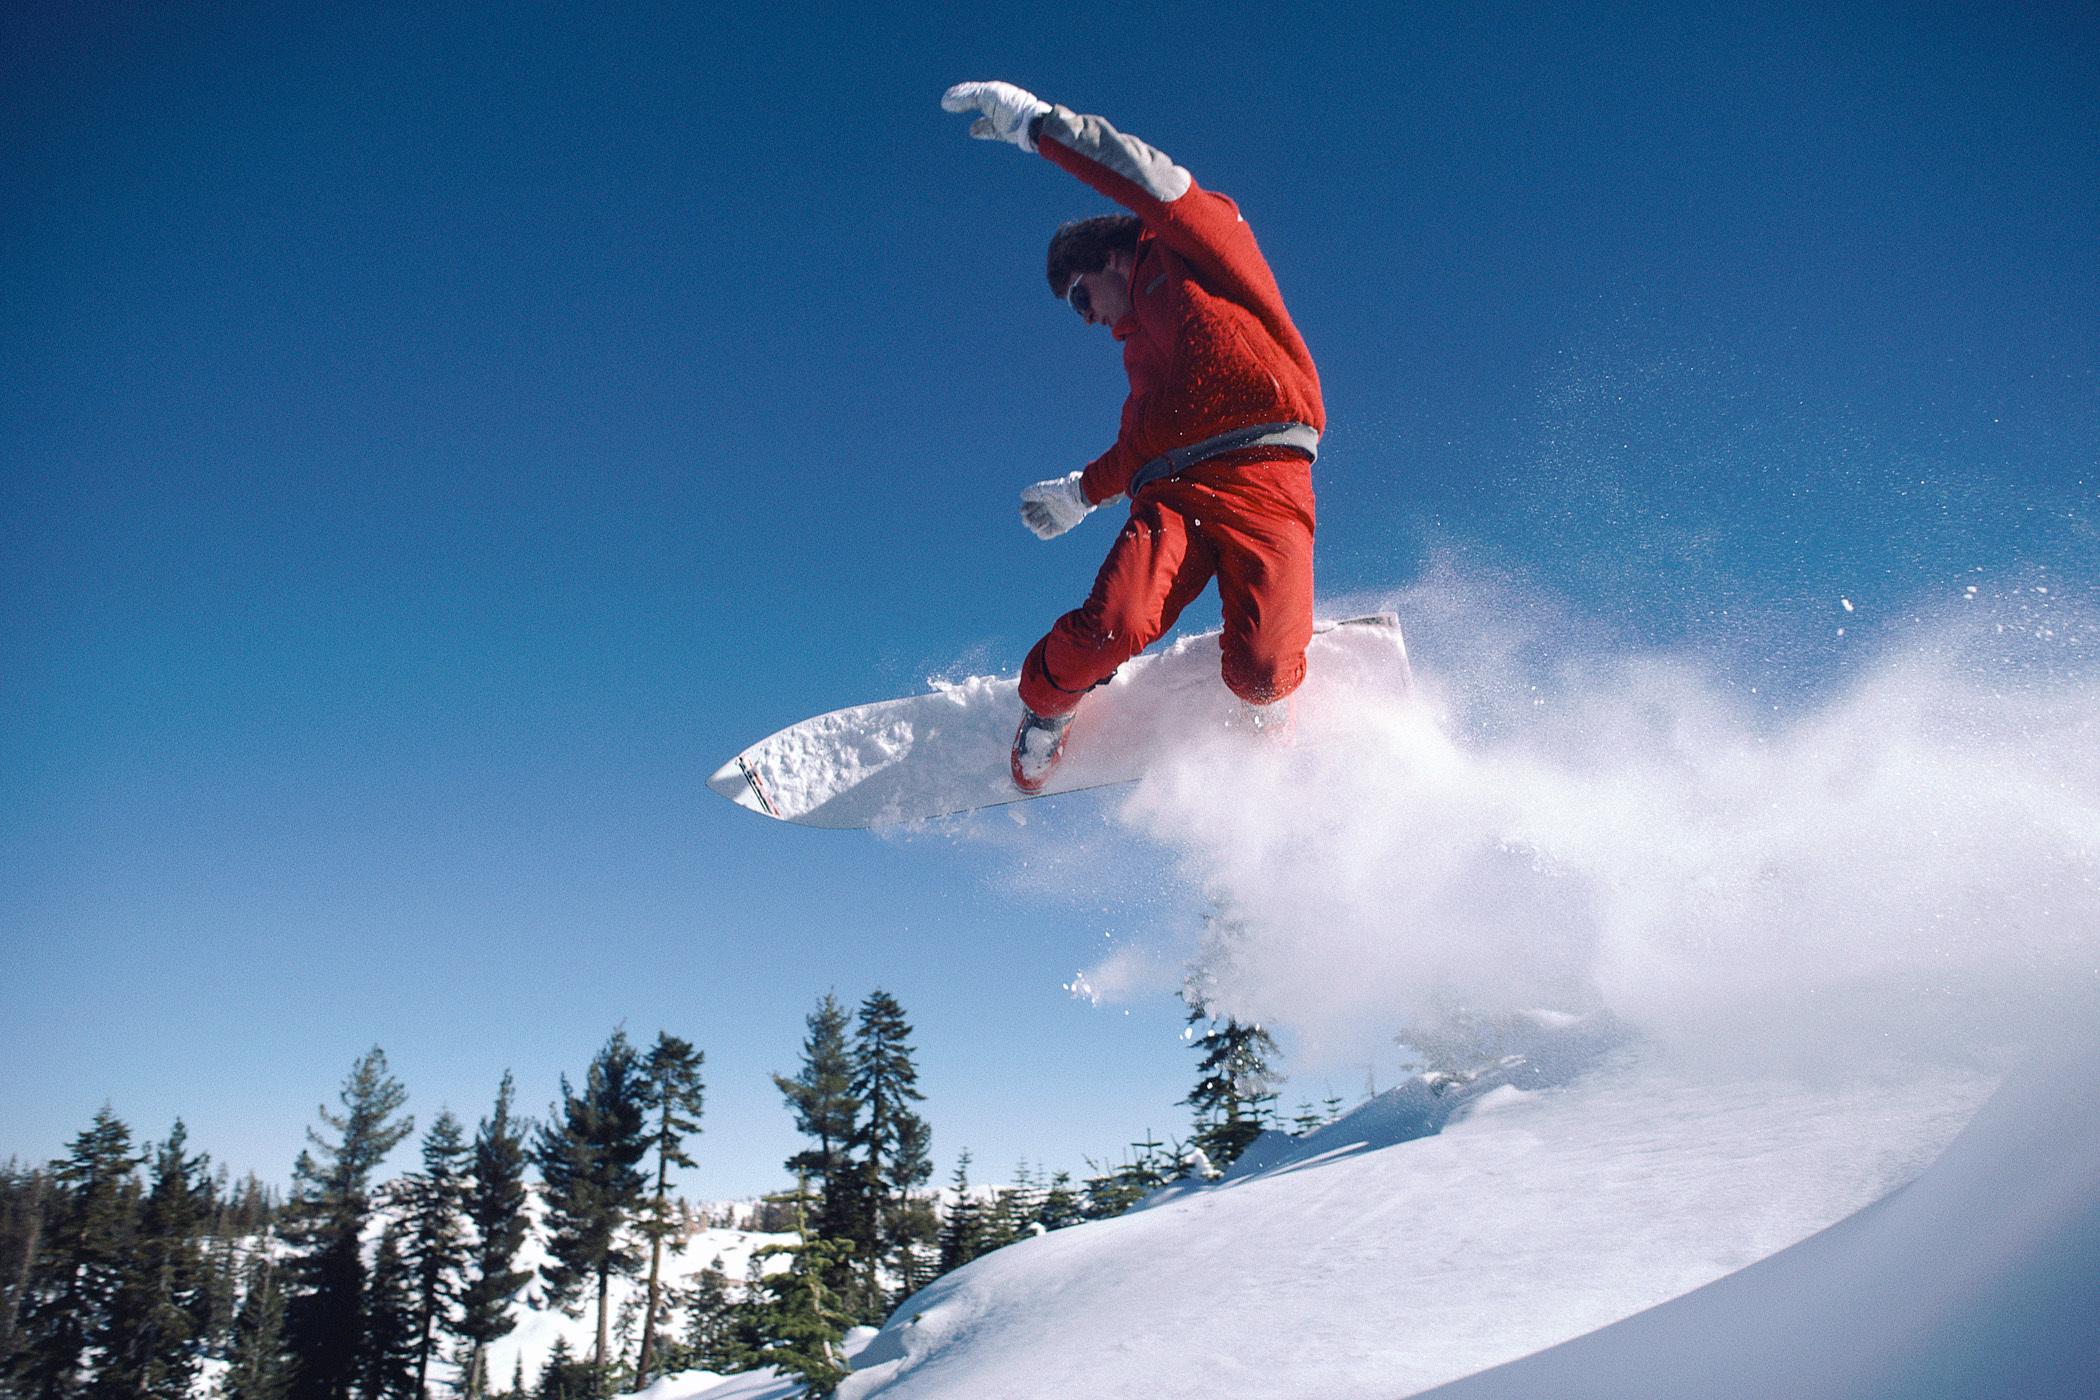 Спорт зимние снег сноуборд гора лес